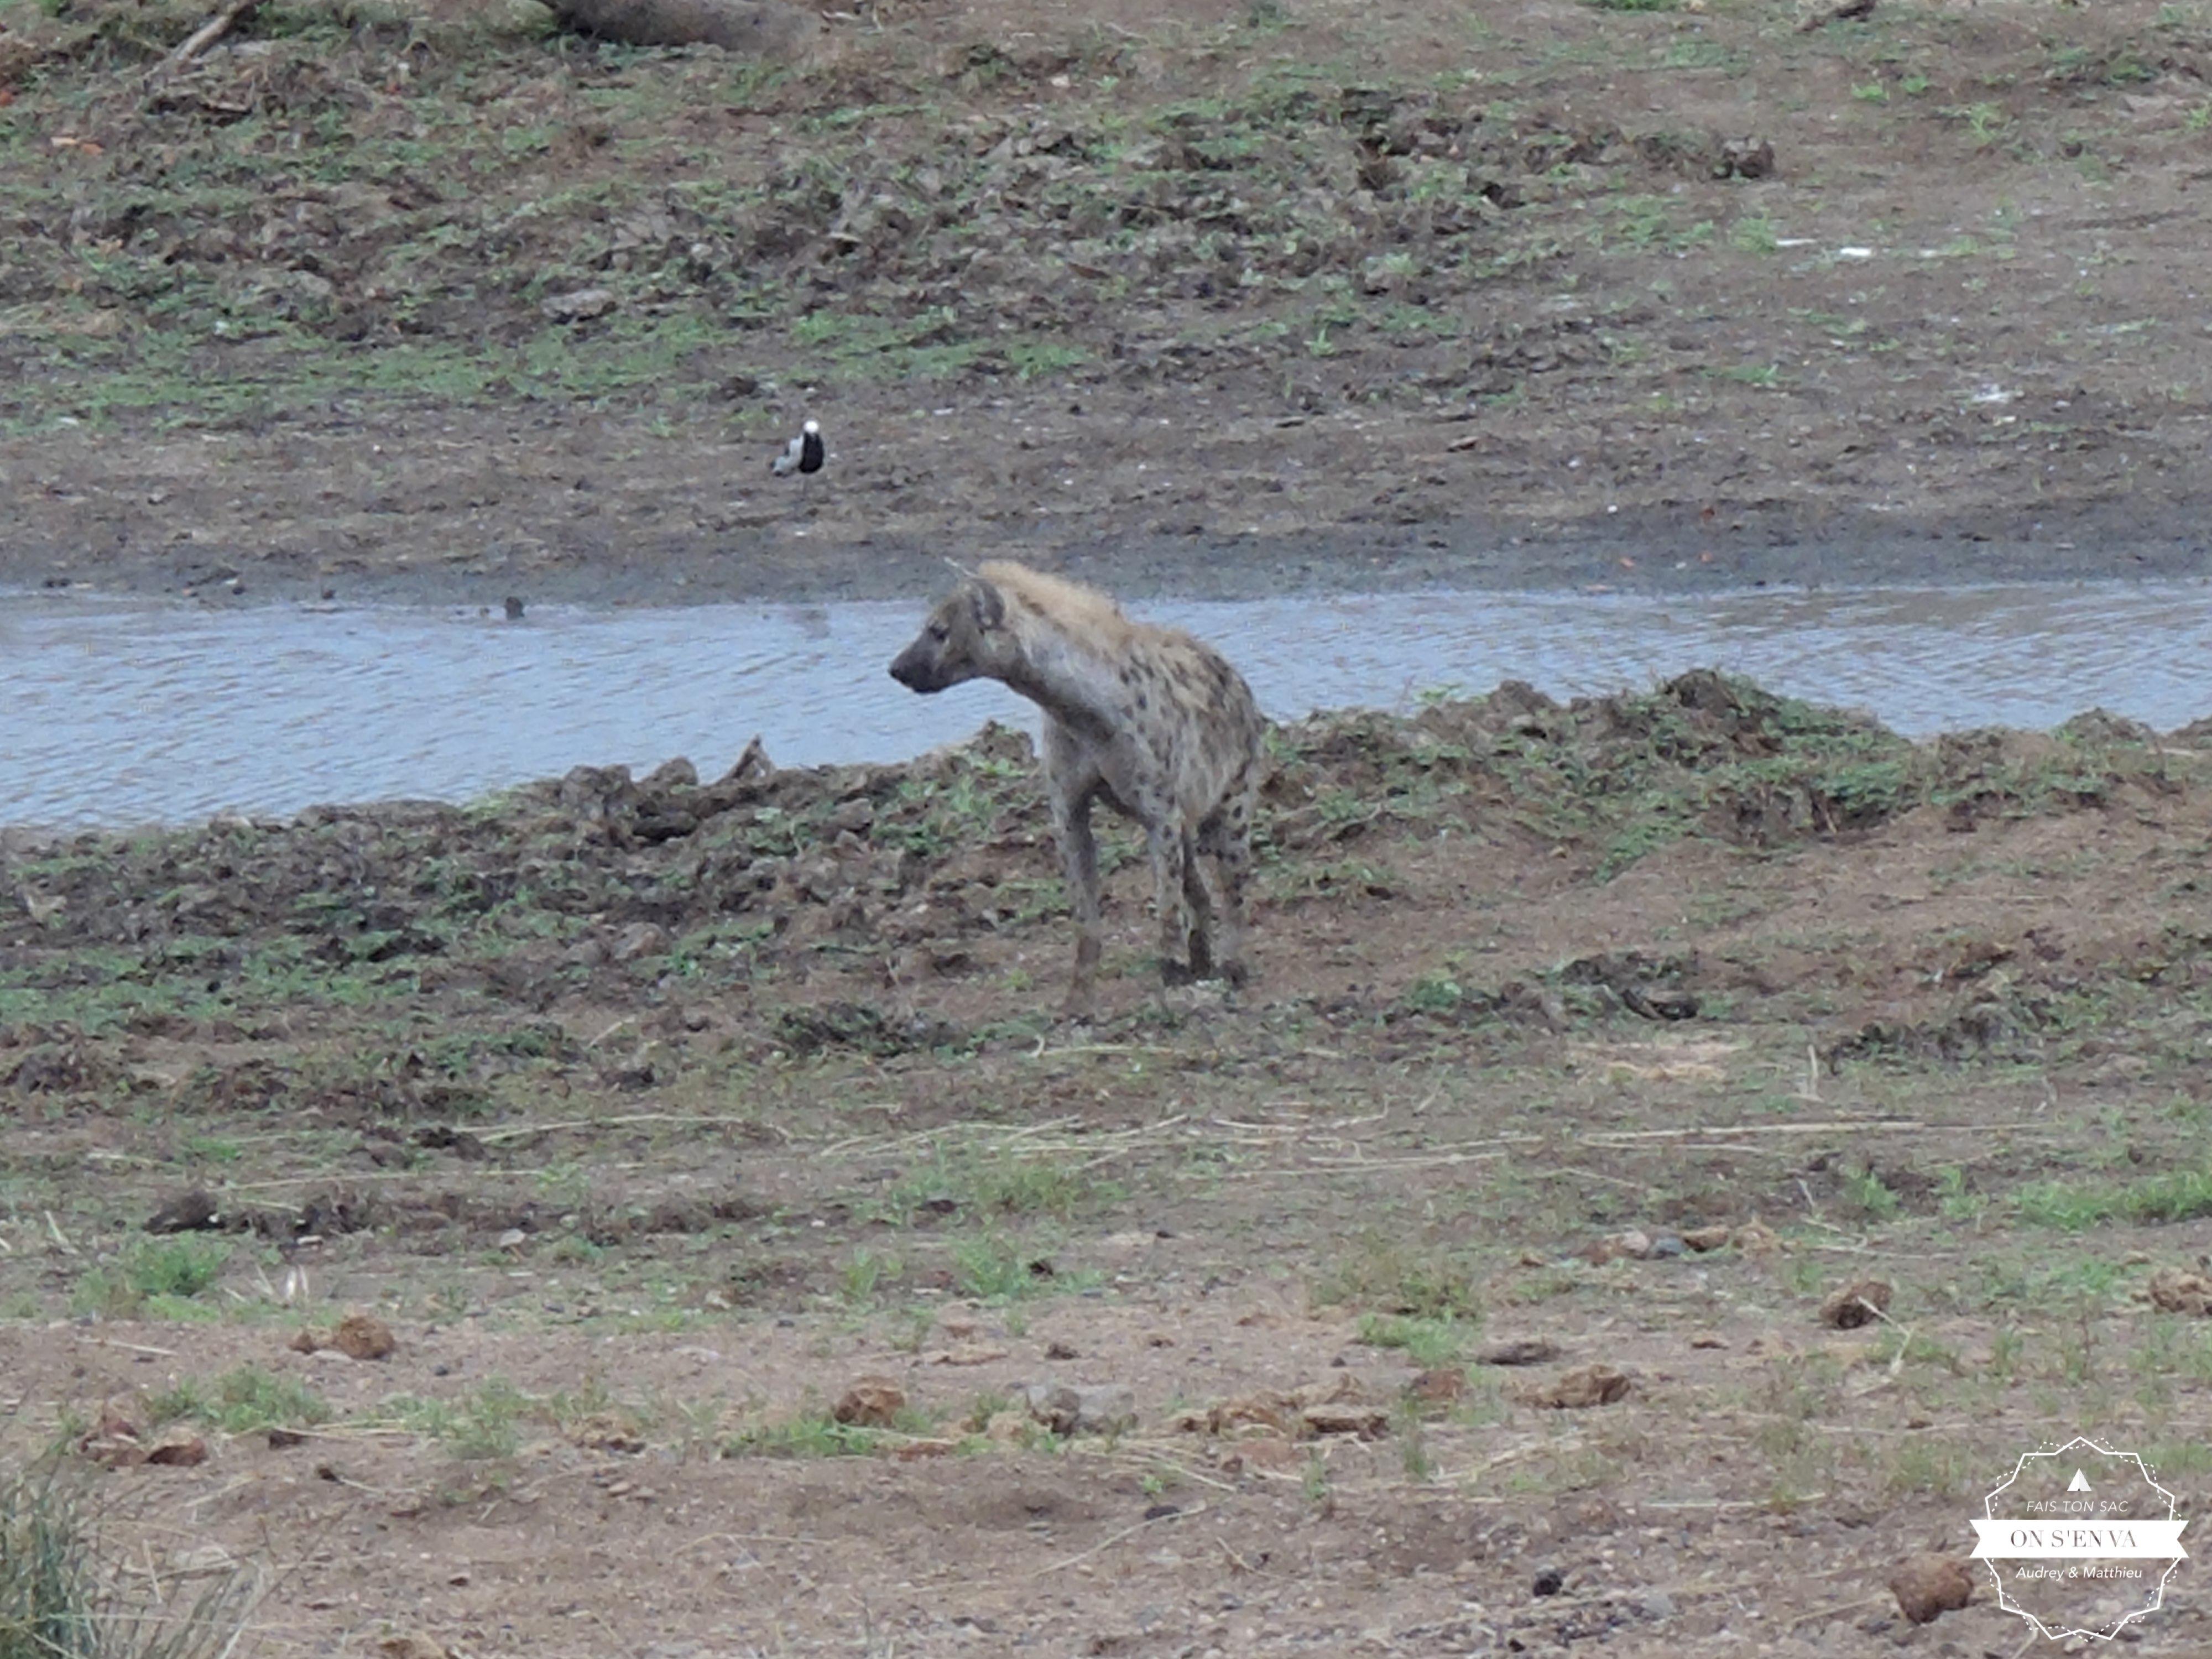 On commence par une hyène